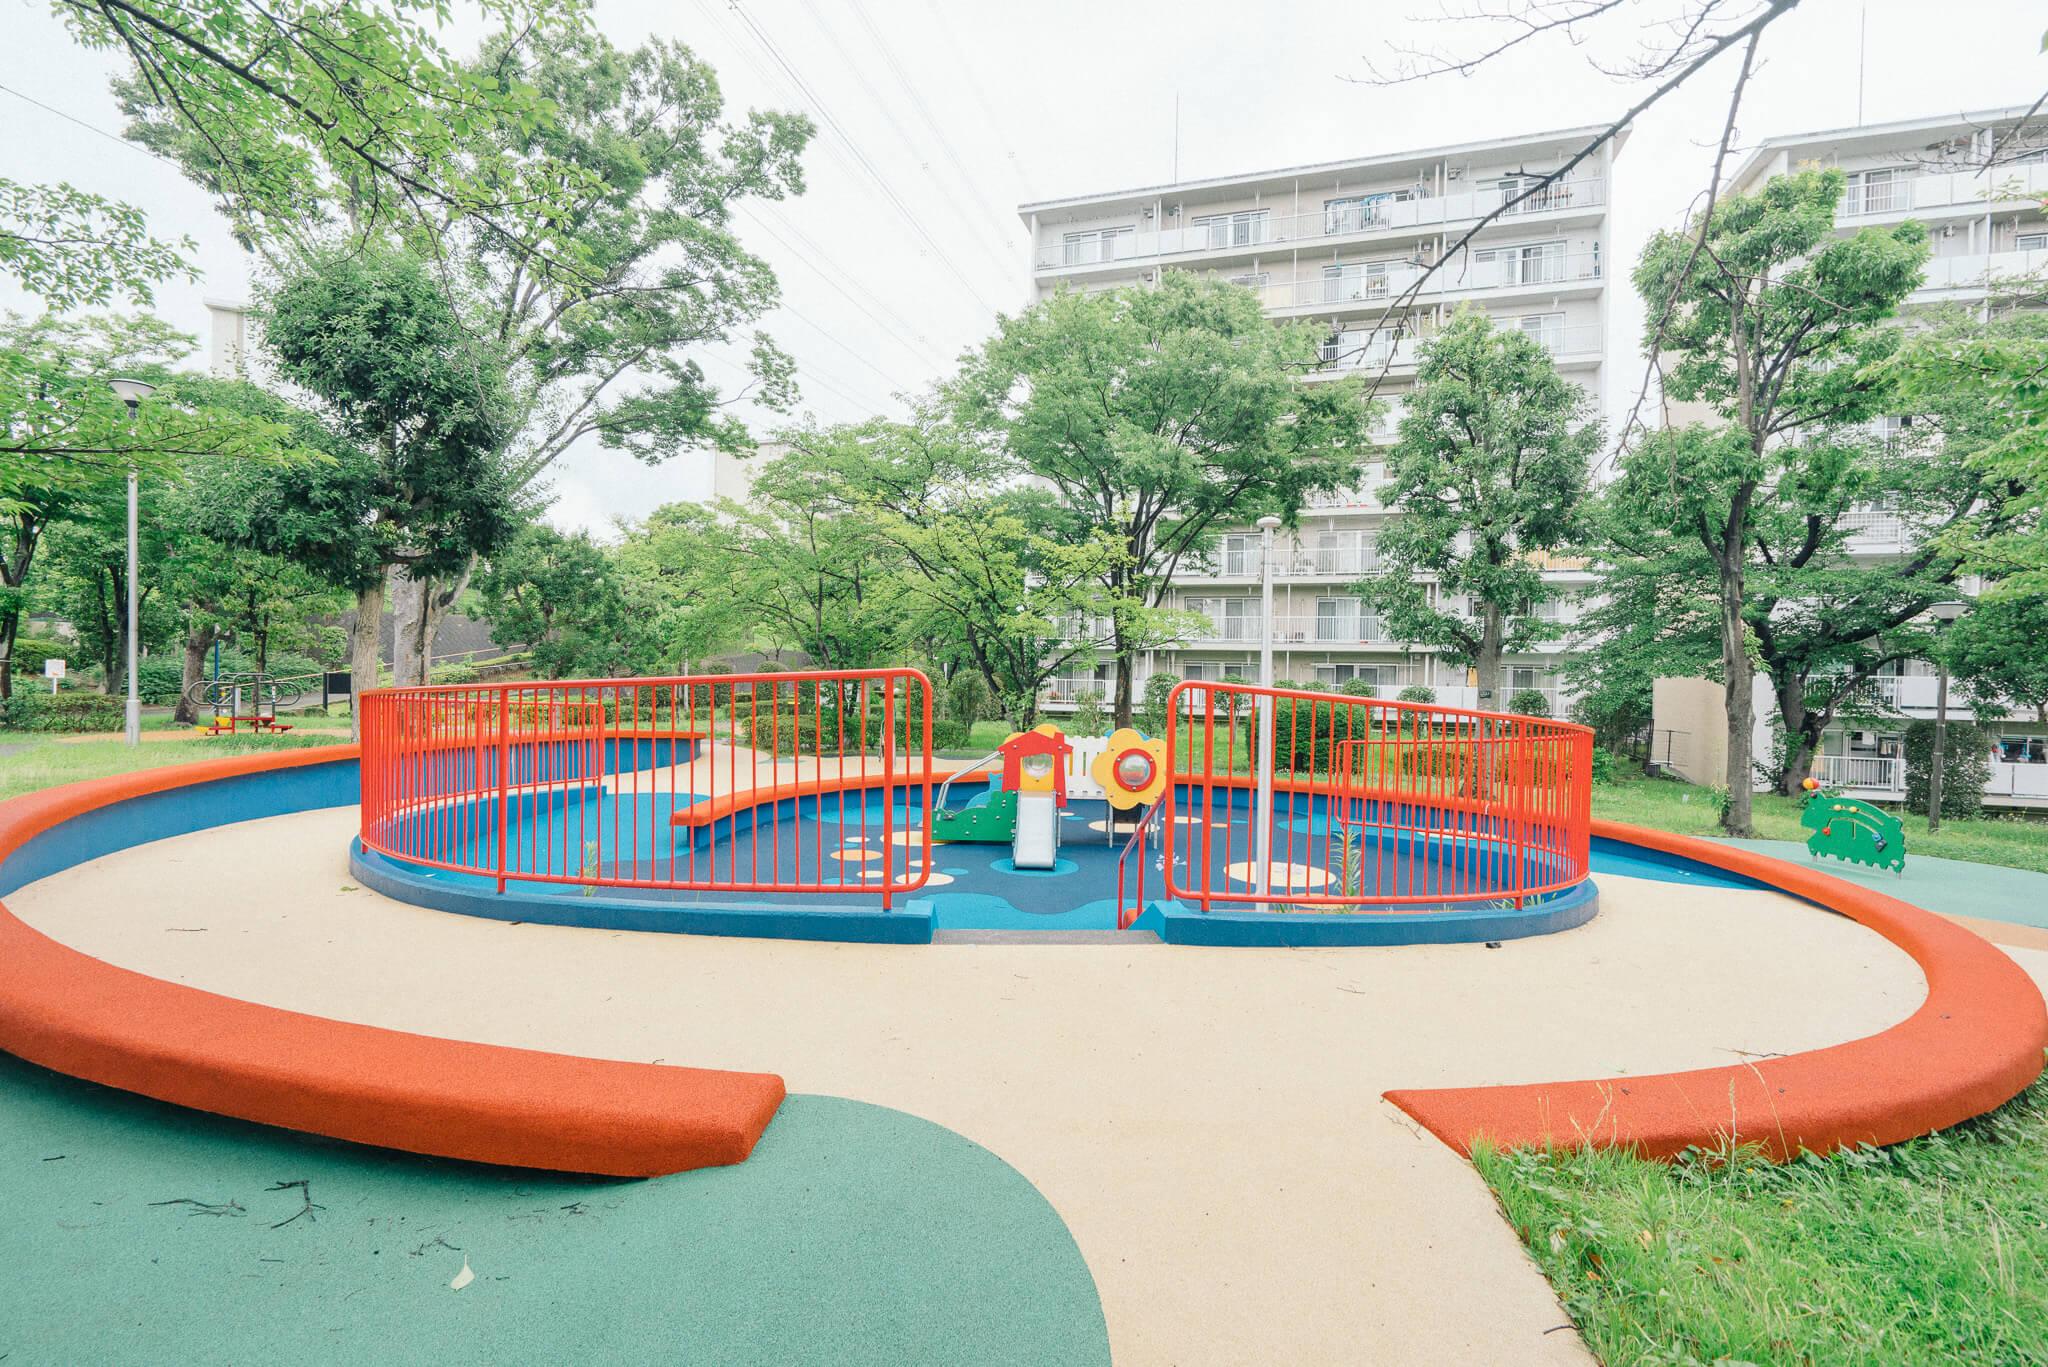 小さな子ども向けの遊具も充実。団地の取材はこれで5件目ですが、UR賃貸住宅の団地って、緑や公園がとても綺麗に整備されていて感心してしまいますね。